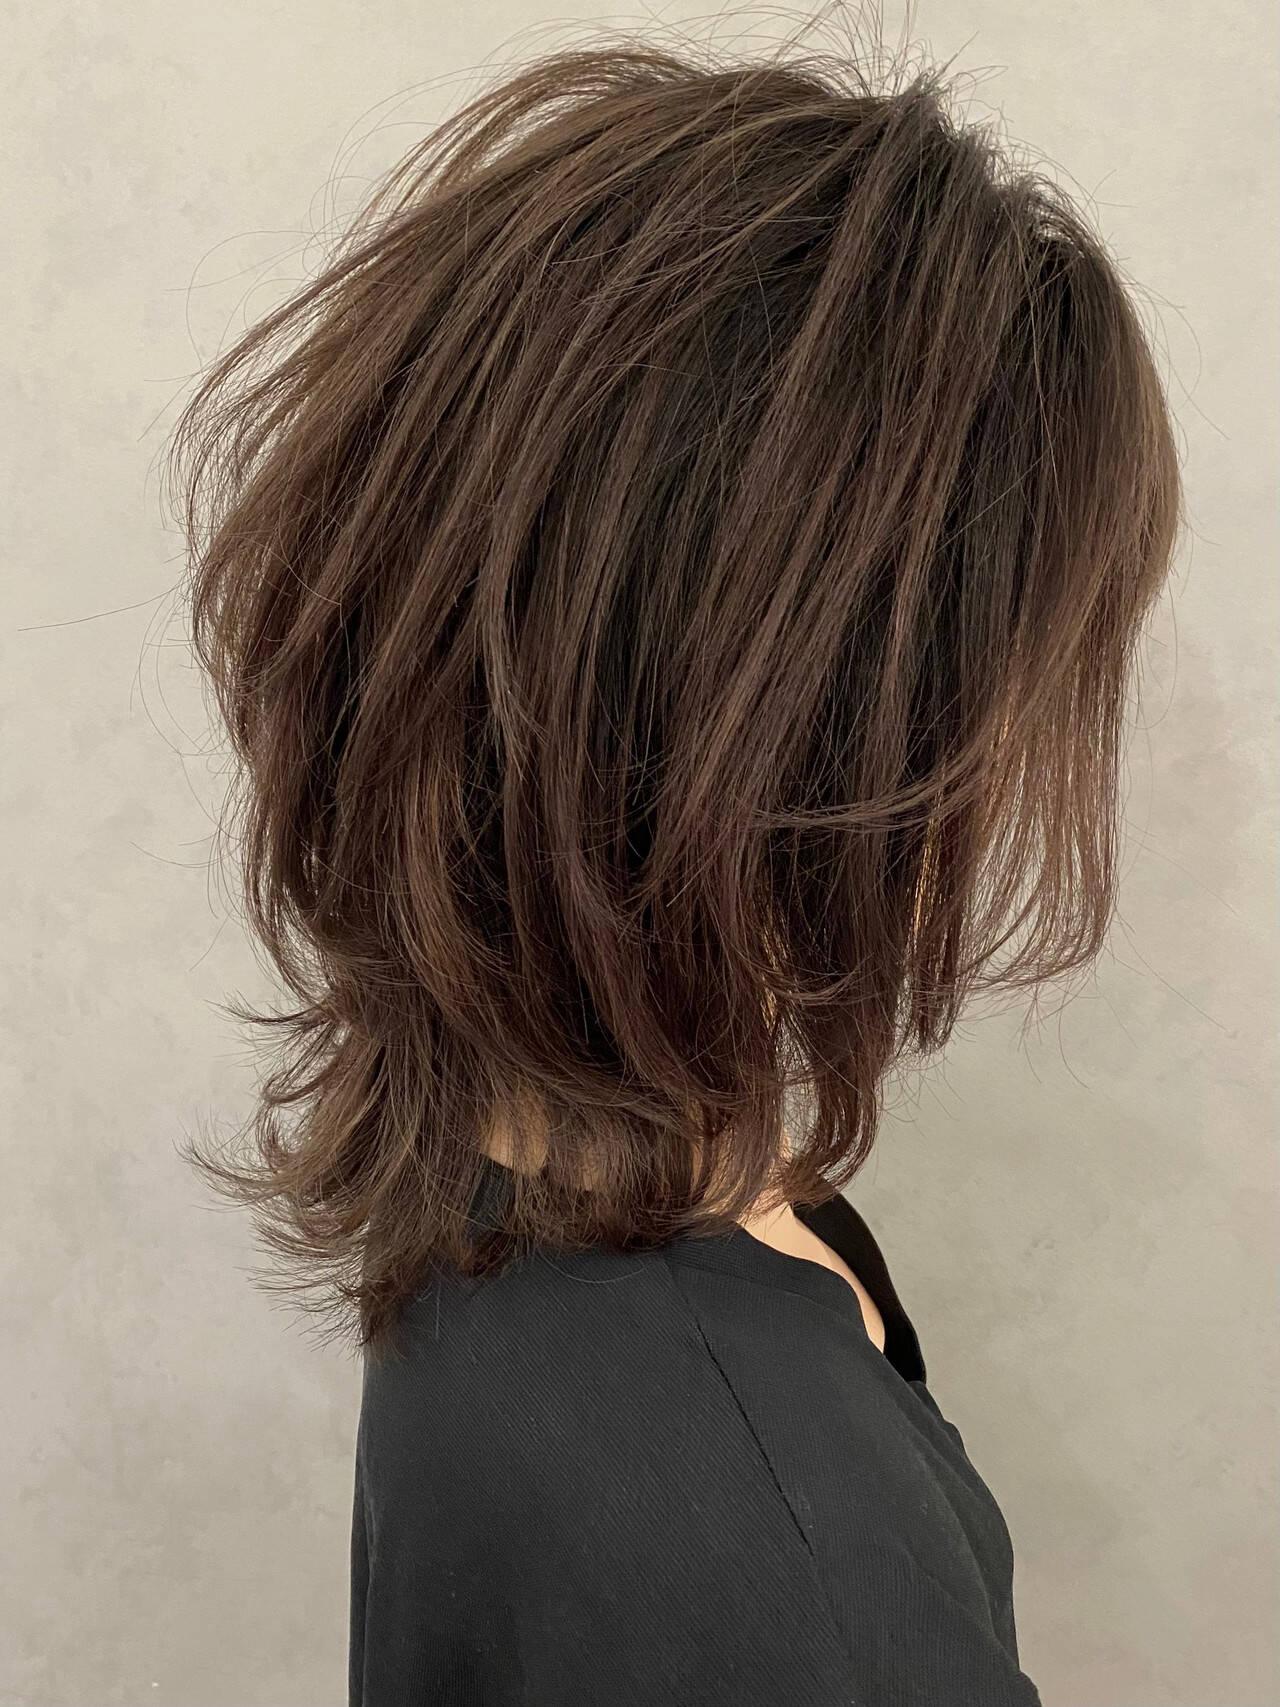 ミディアム フェミニン ウルフレイヤー 大人ハイライトヘアスタイルや髪型の写真・画像